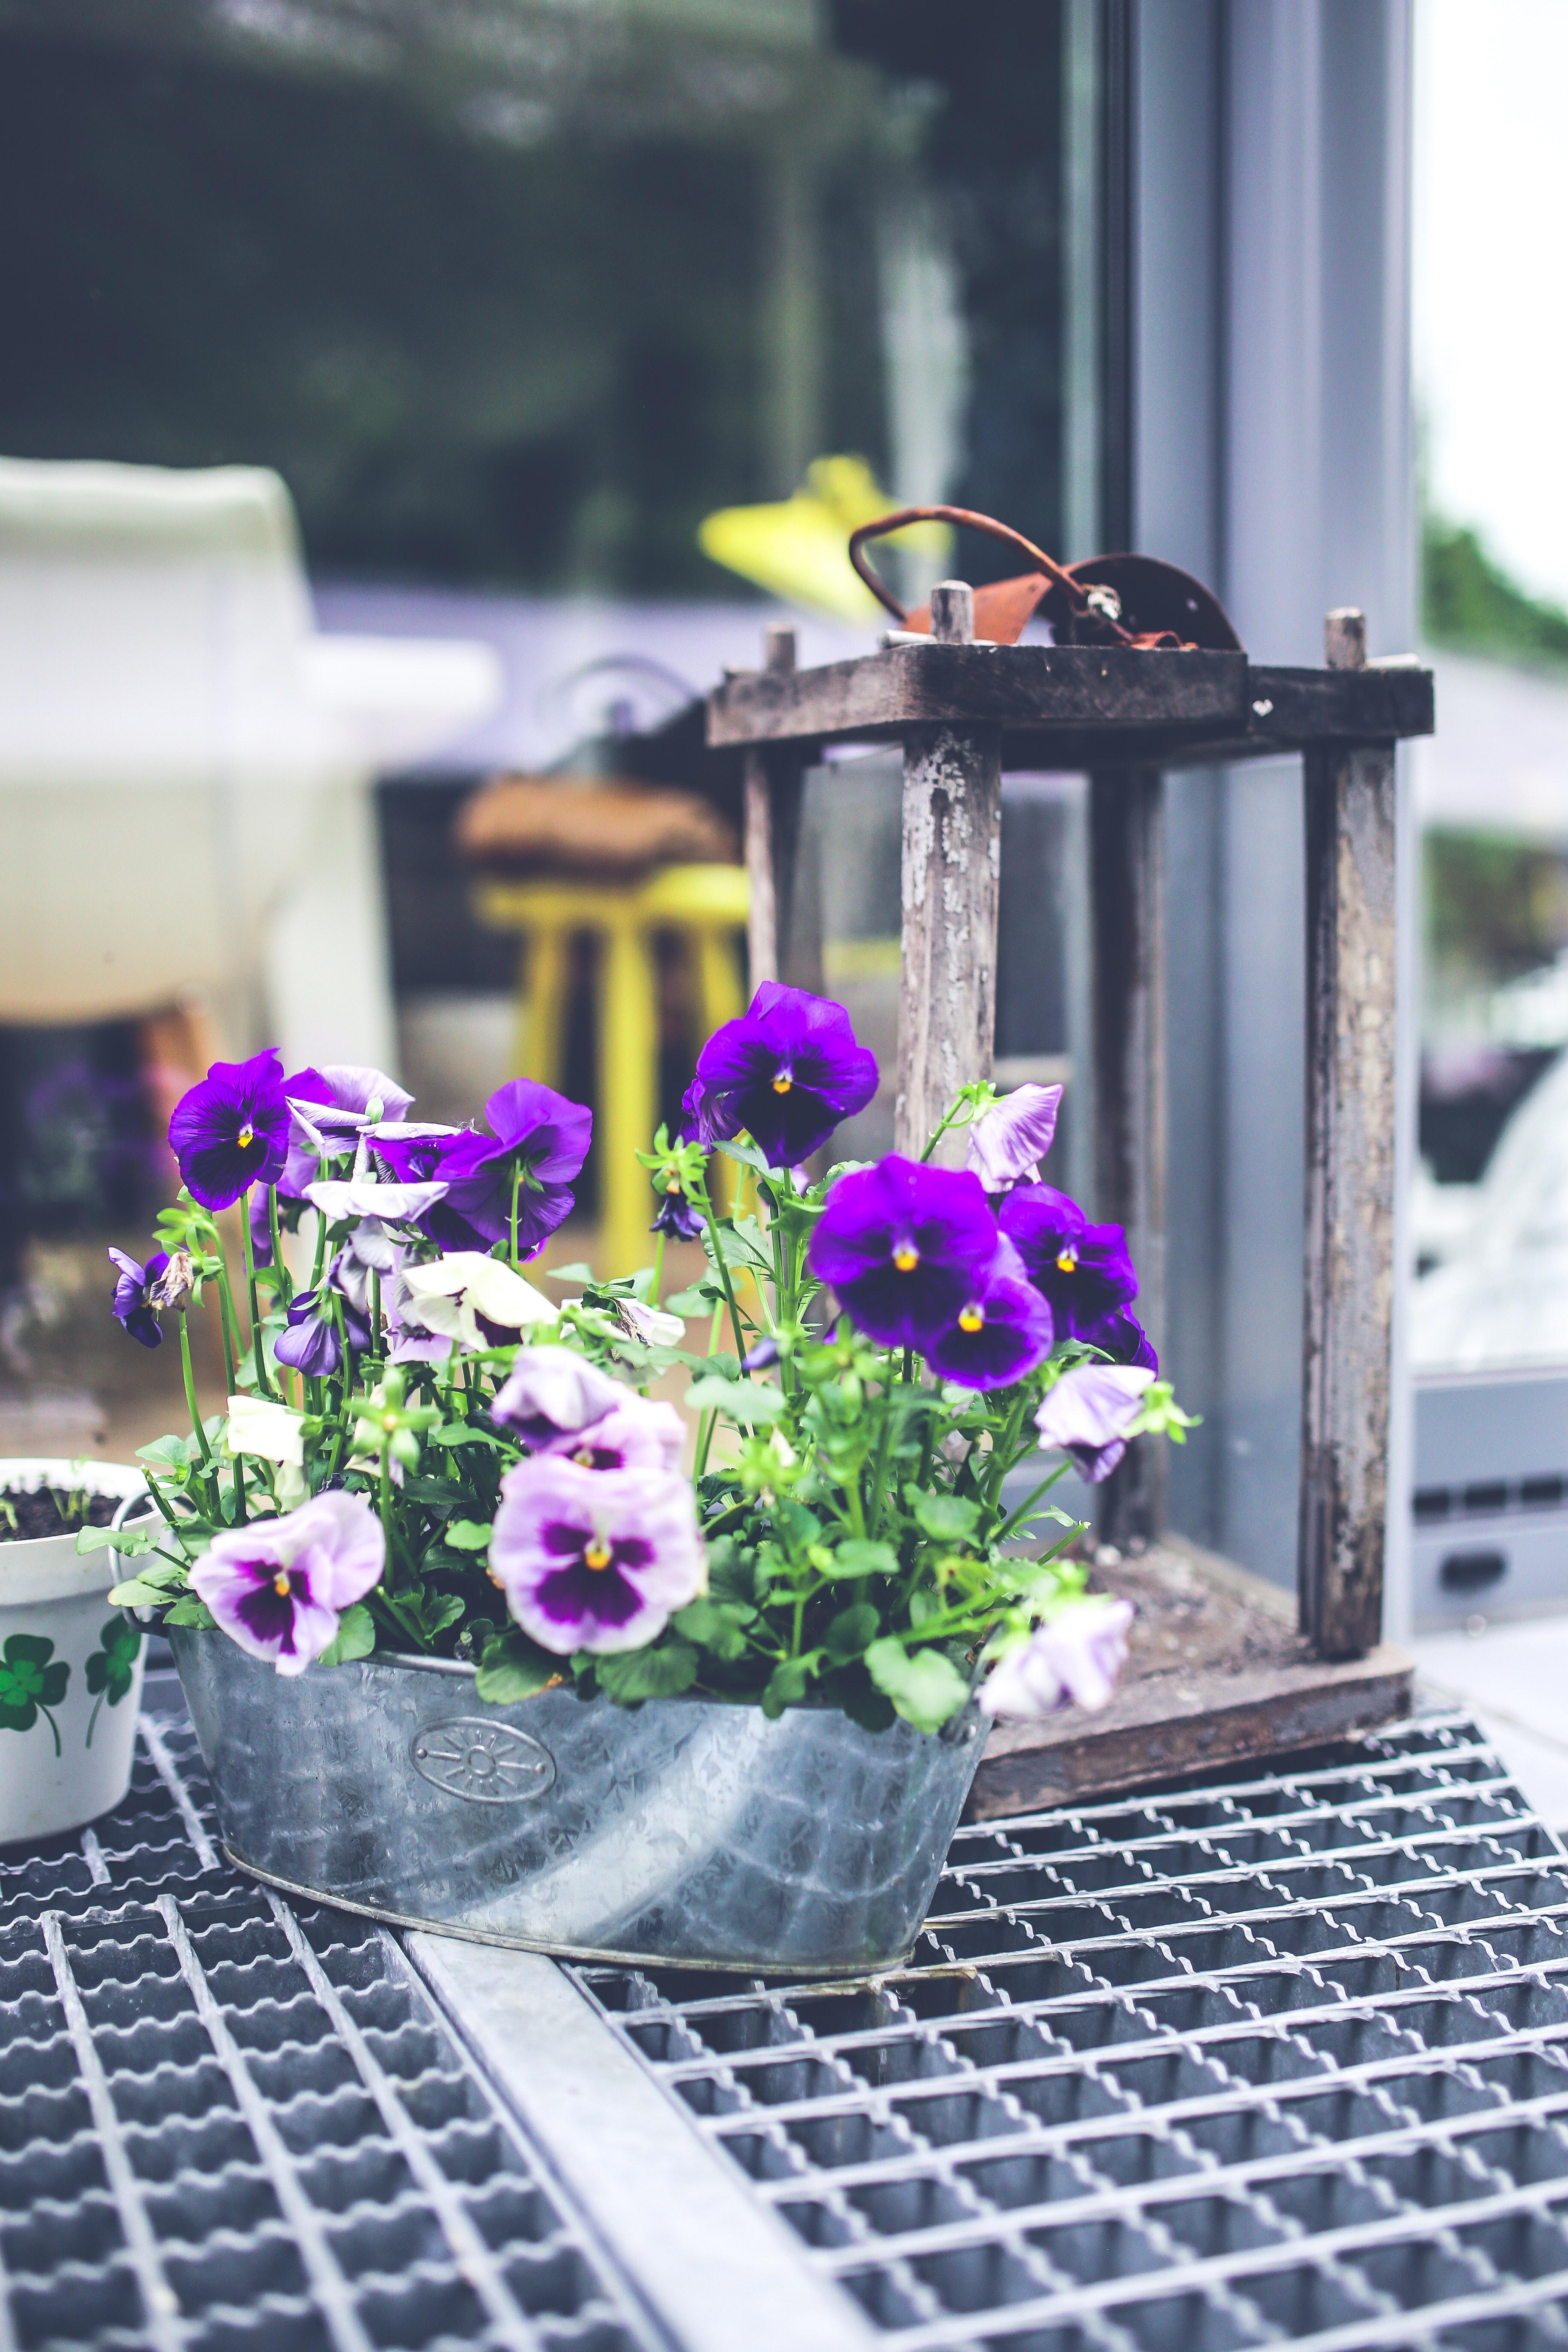 Old lantern & pansies photo